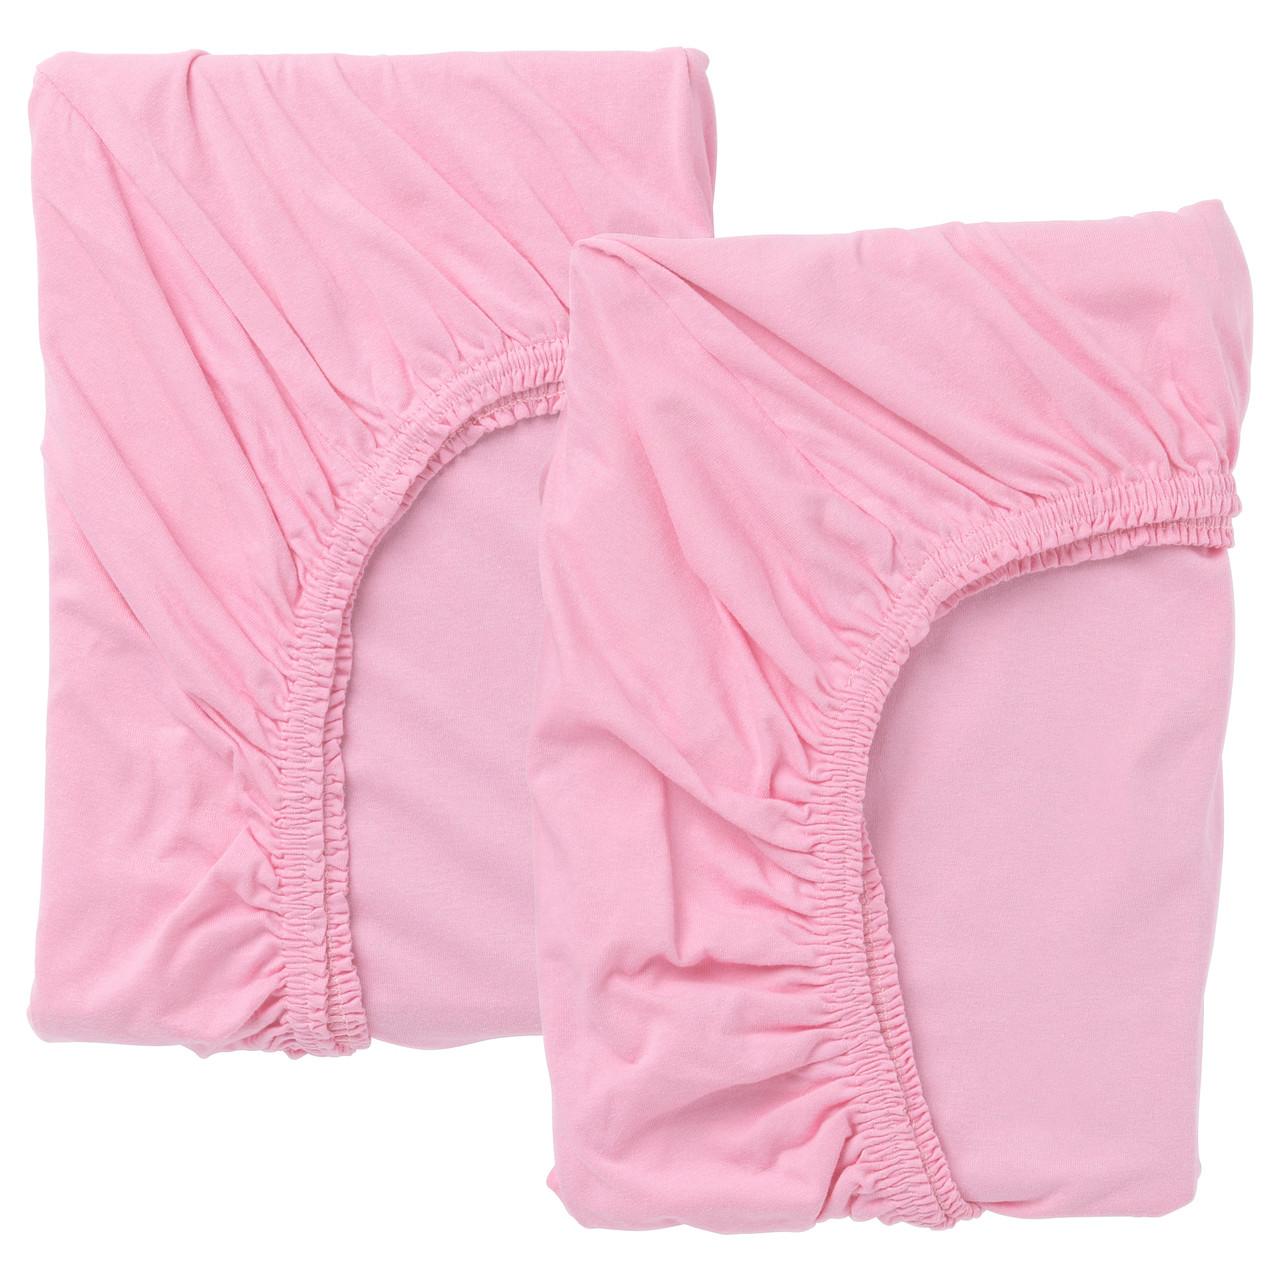 ЛЕН Натяжн простыня д/разд кровати,2шт, розовый